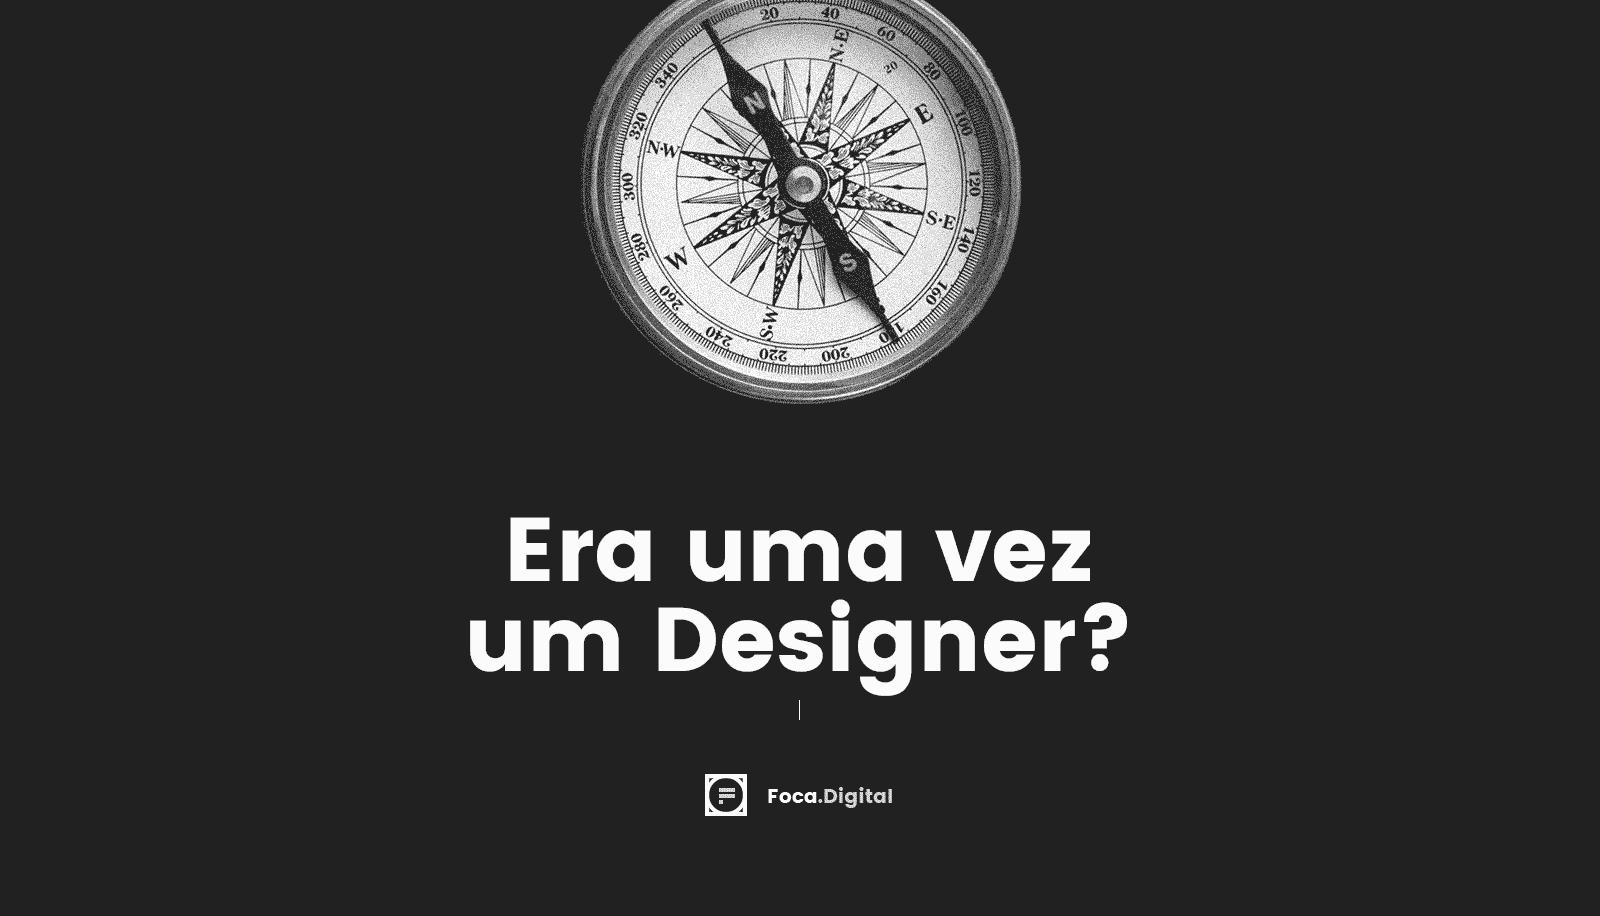 era uma vez um designer